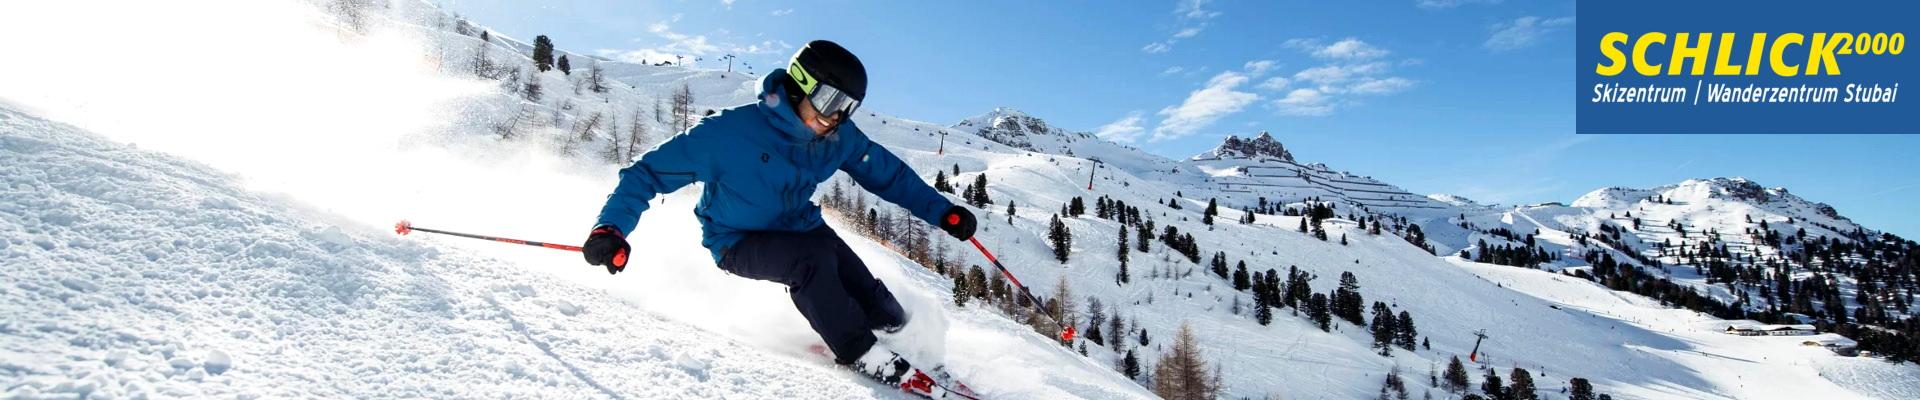 Skifahren in der Schlick2000